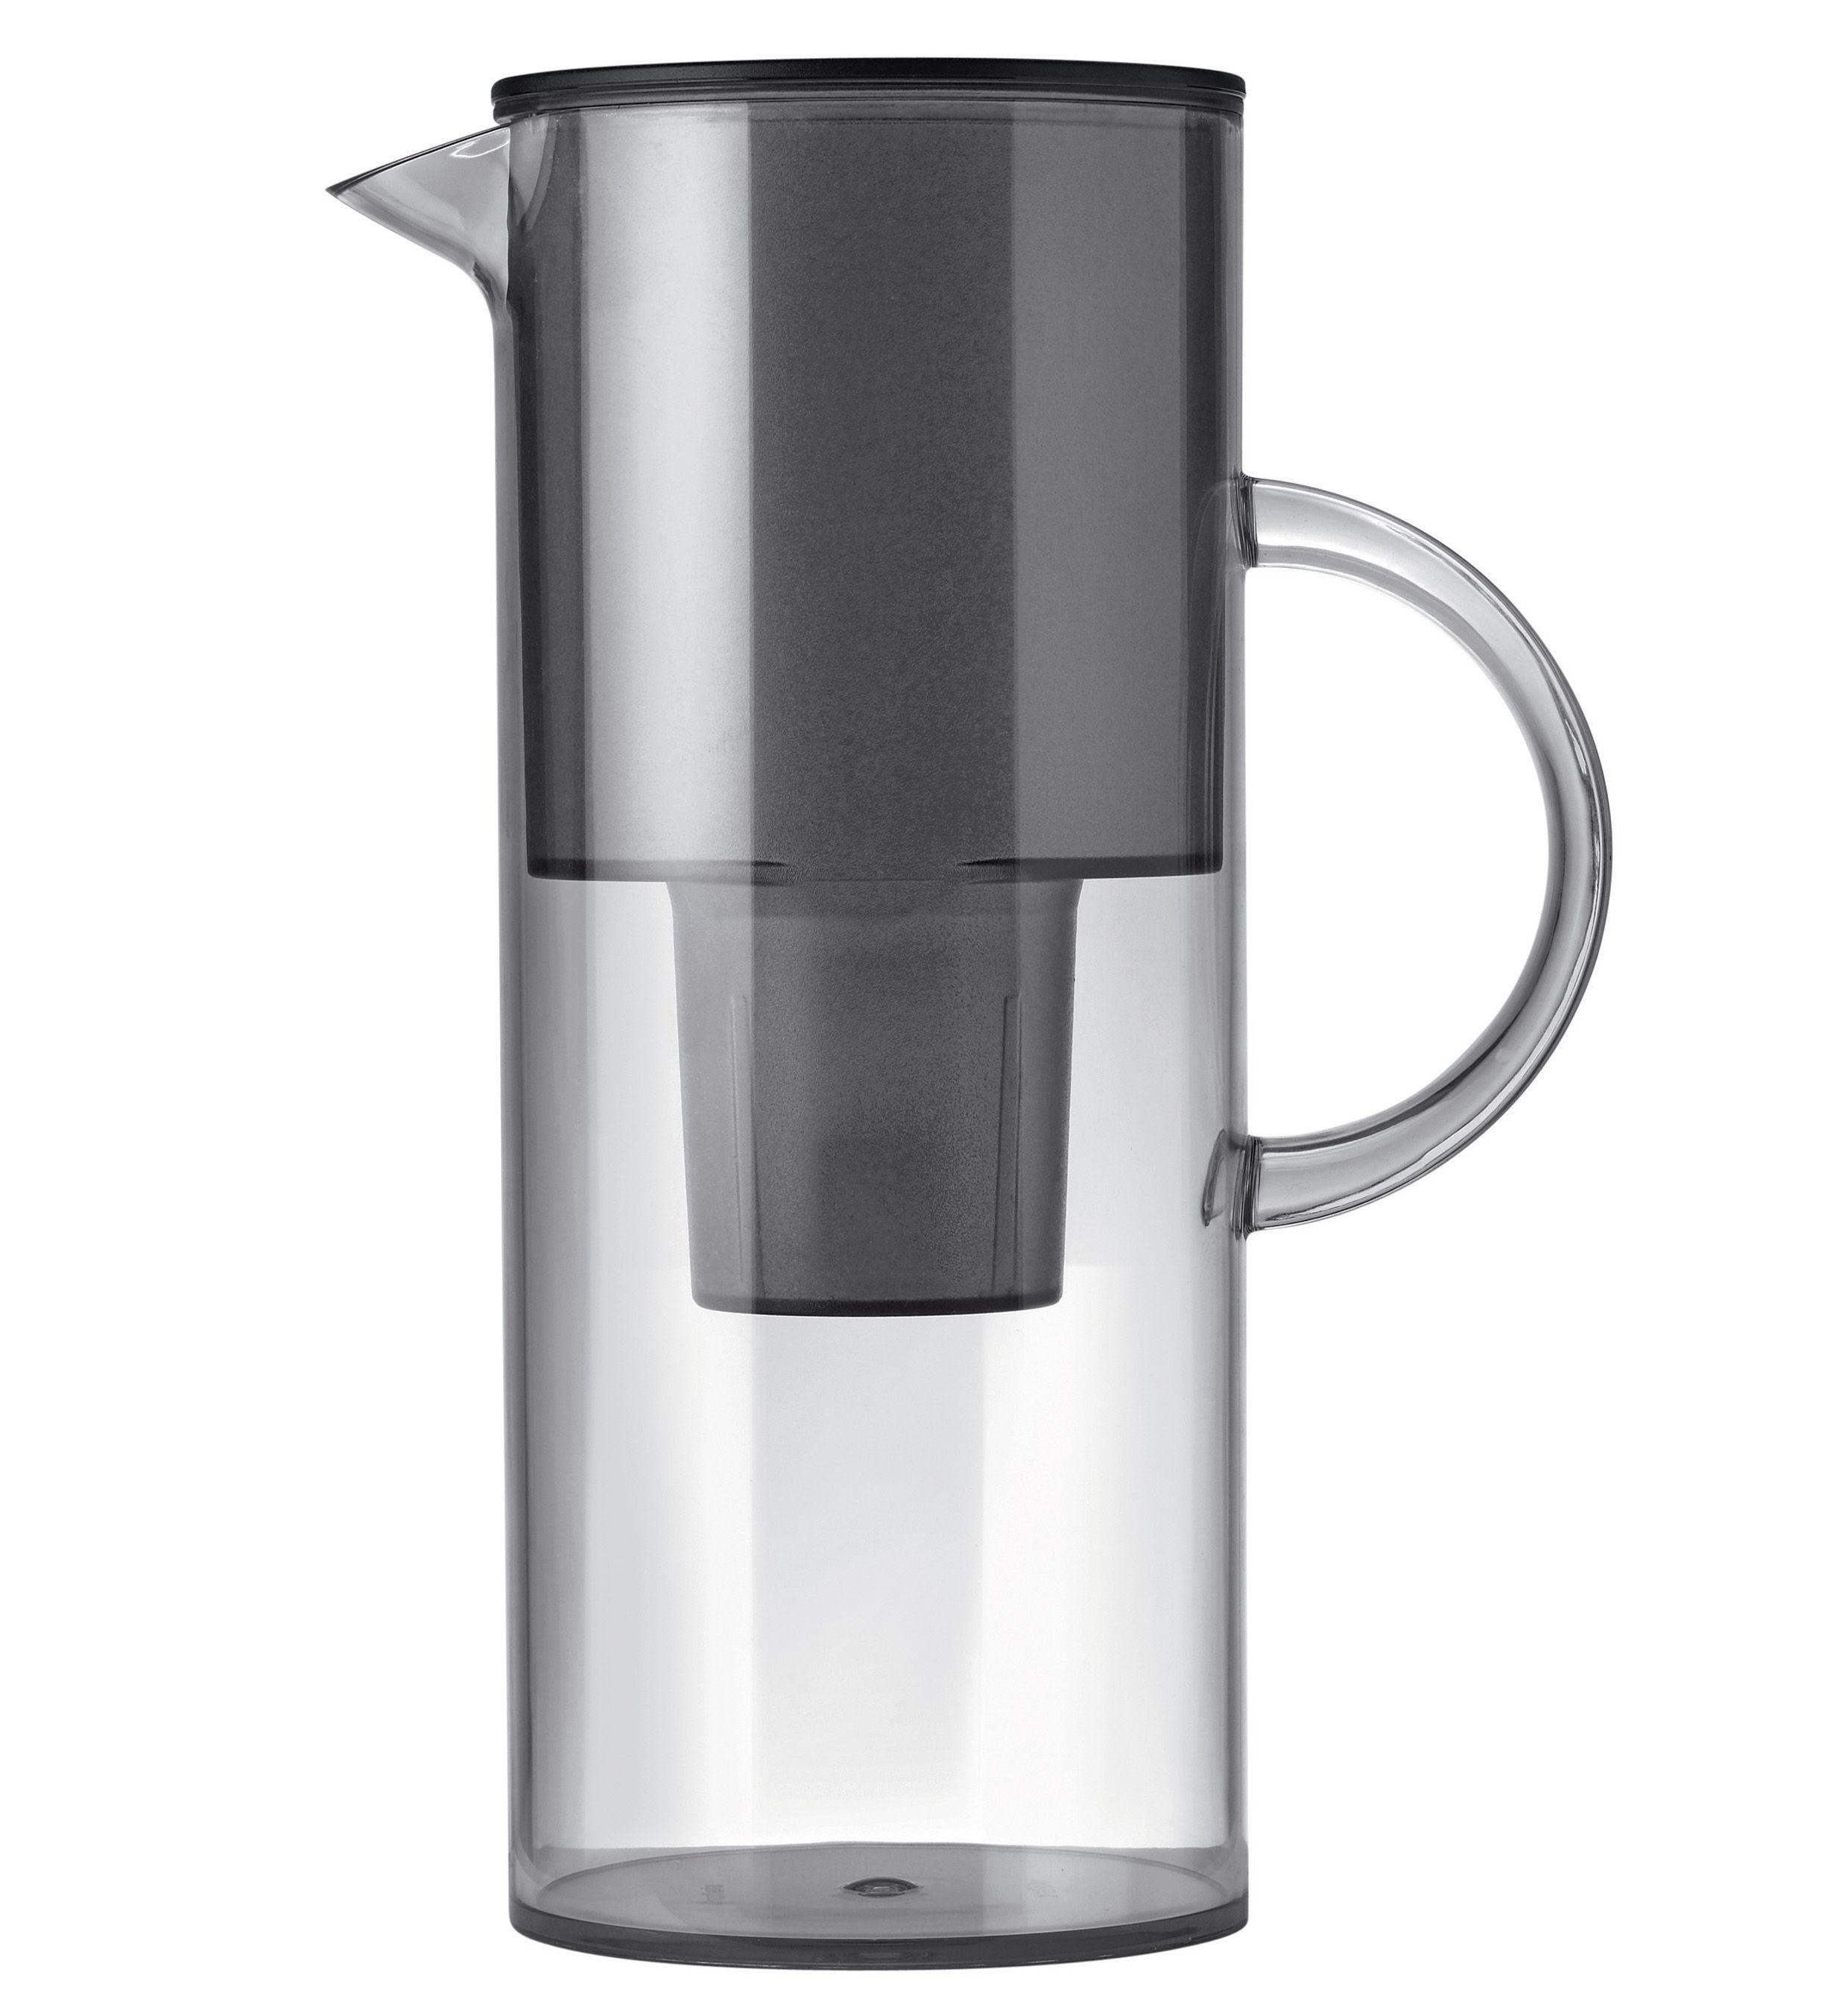 Tischkultur - Karaffen - Classic Tischwasserfilter / 2 Liter - Stelton - Rauchglas - Plastique alimentaire